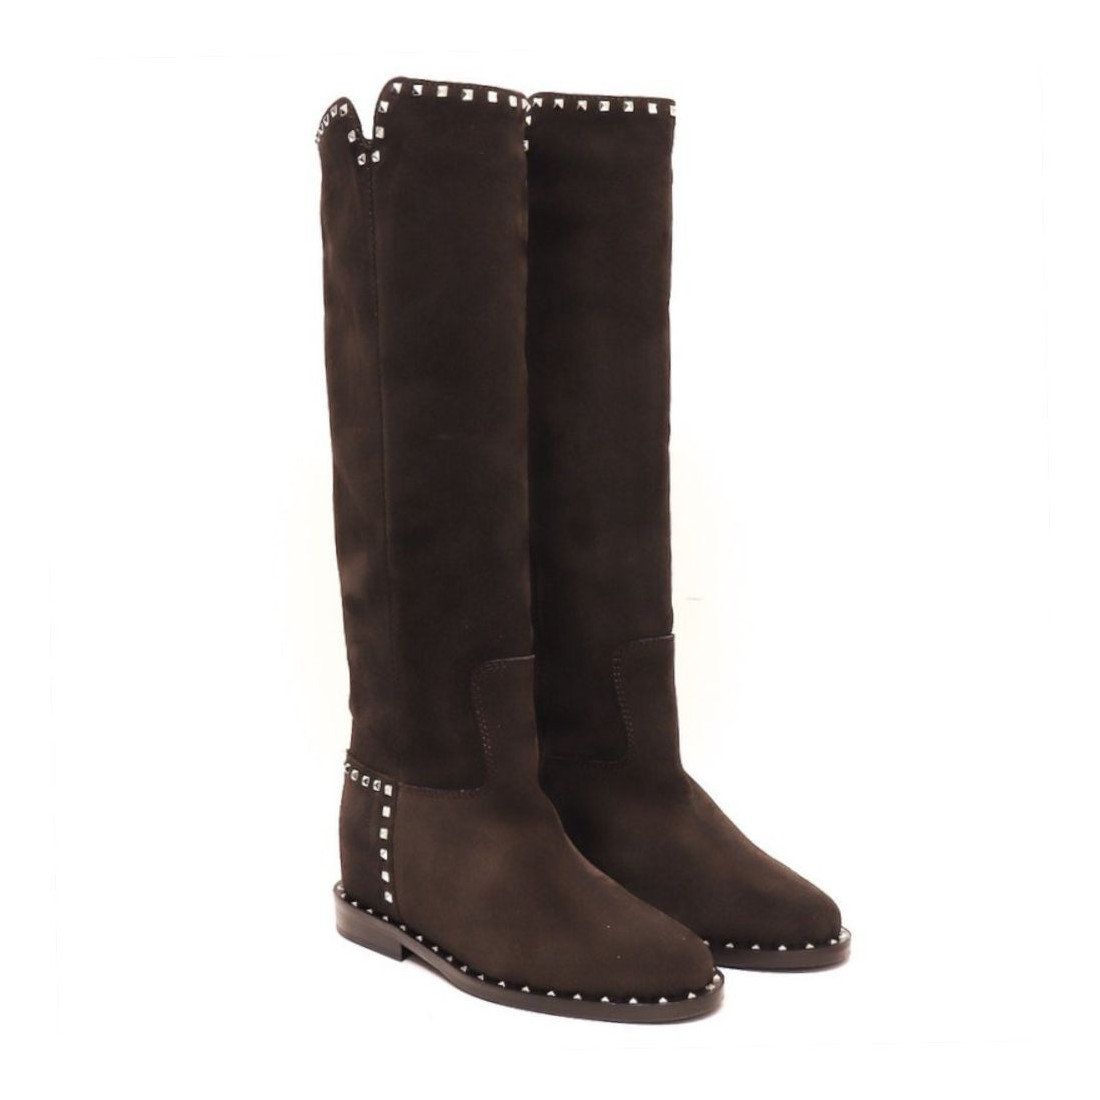 stiefel  boots damen via roma 15 2852velour 7648